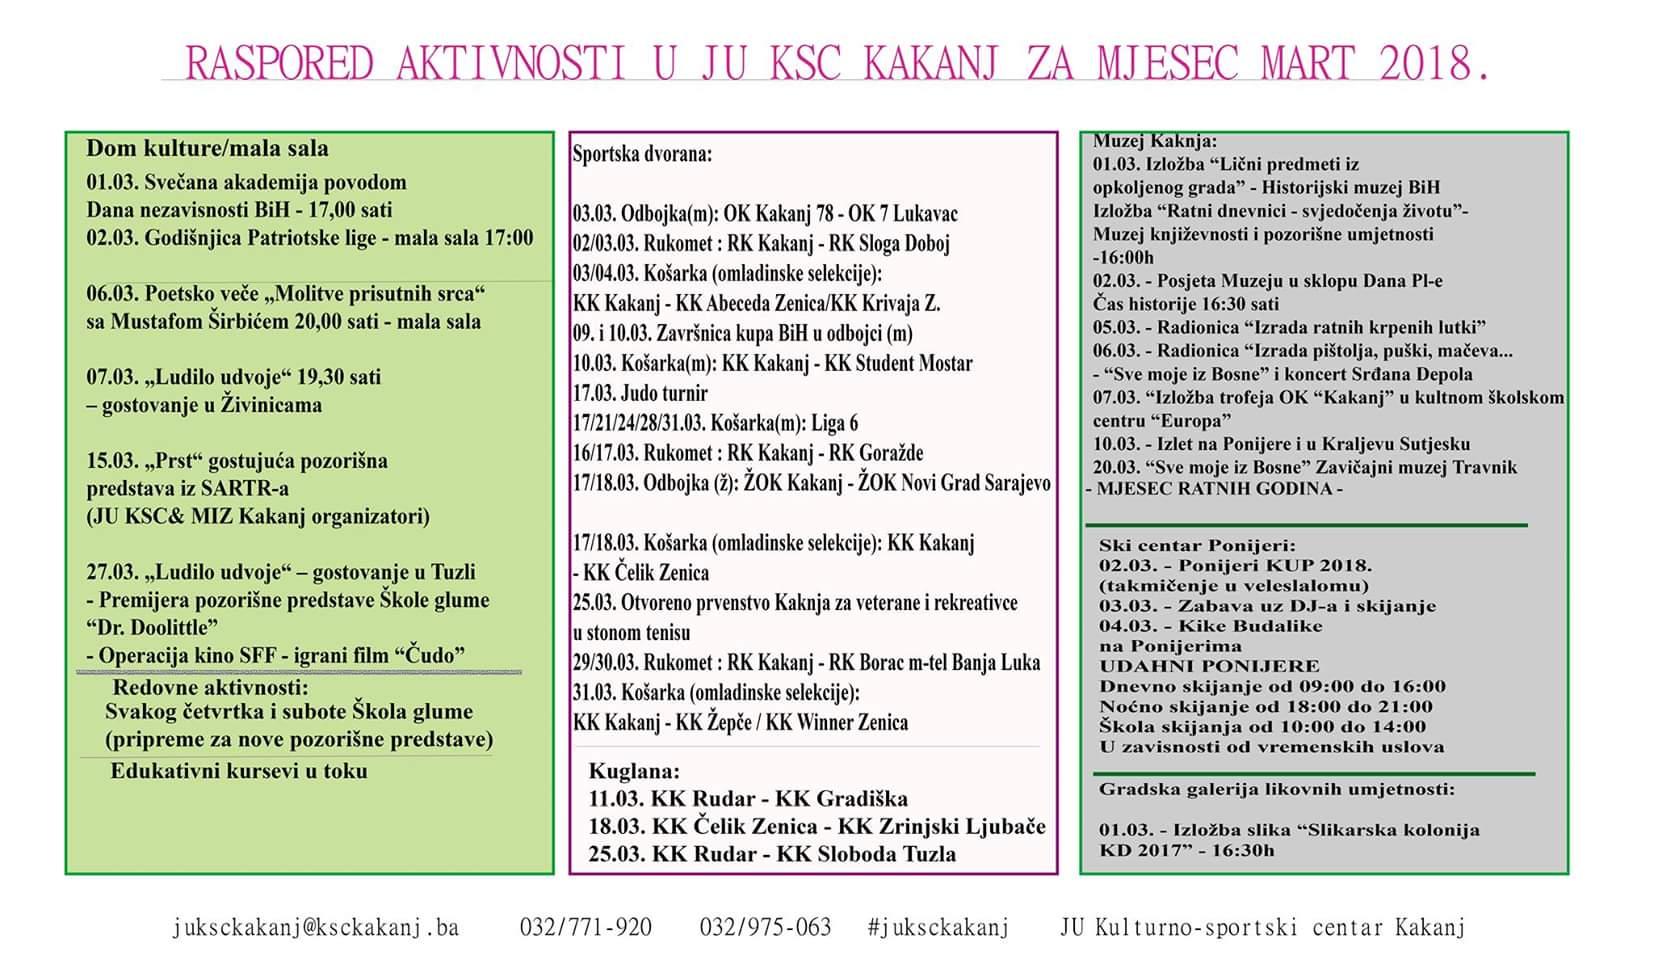 Raspored aktivnosti u JU KSC Kakanj za mjesec mart 2018. godine